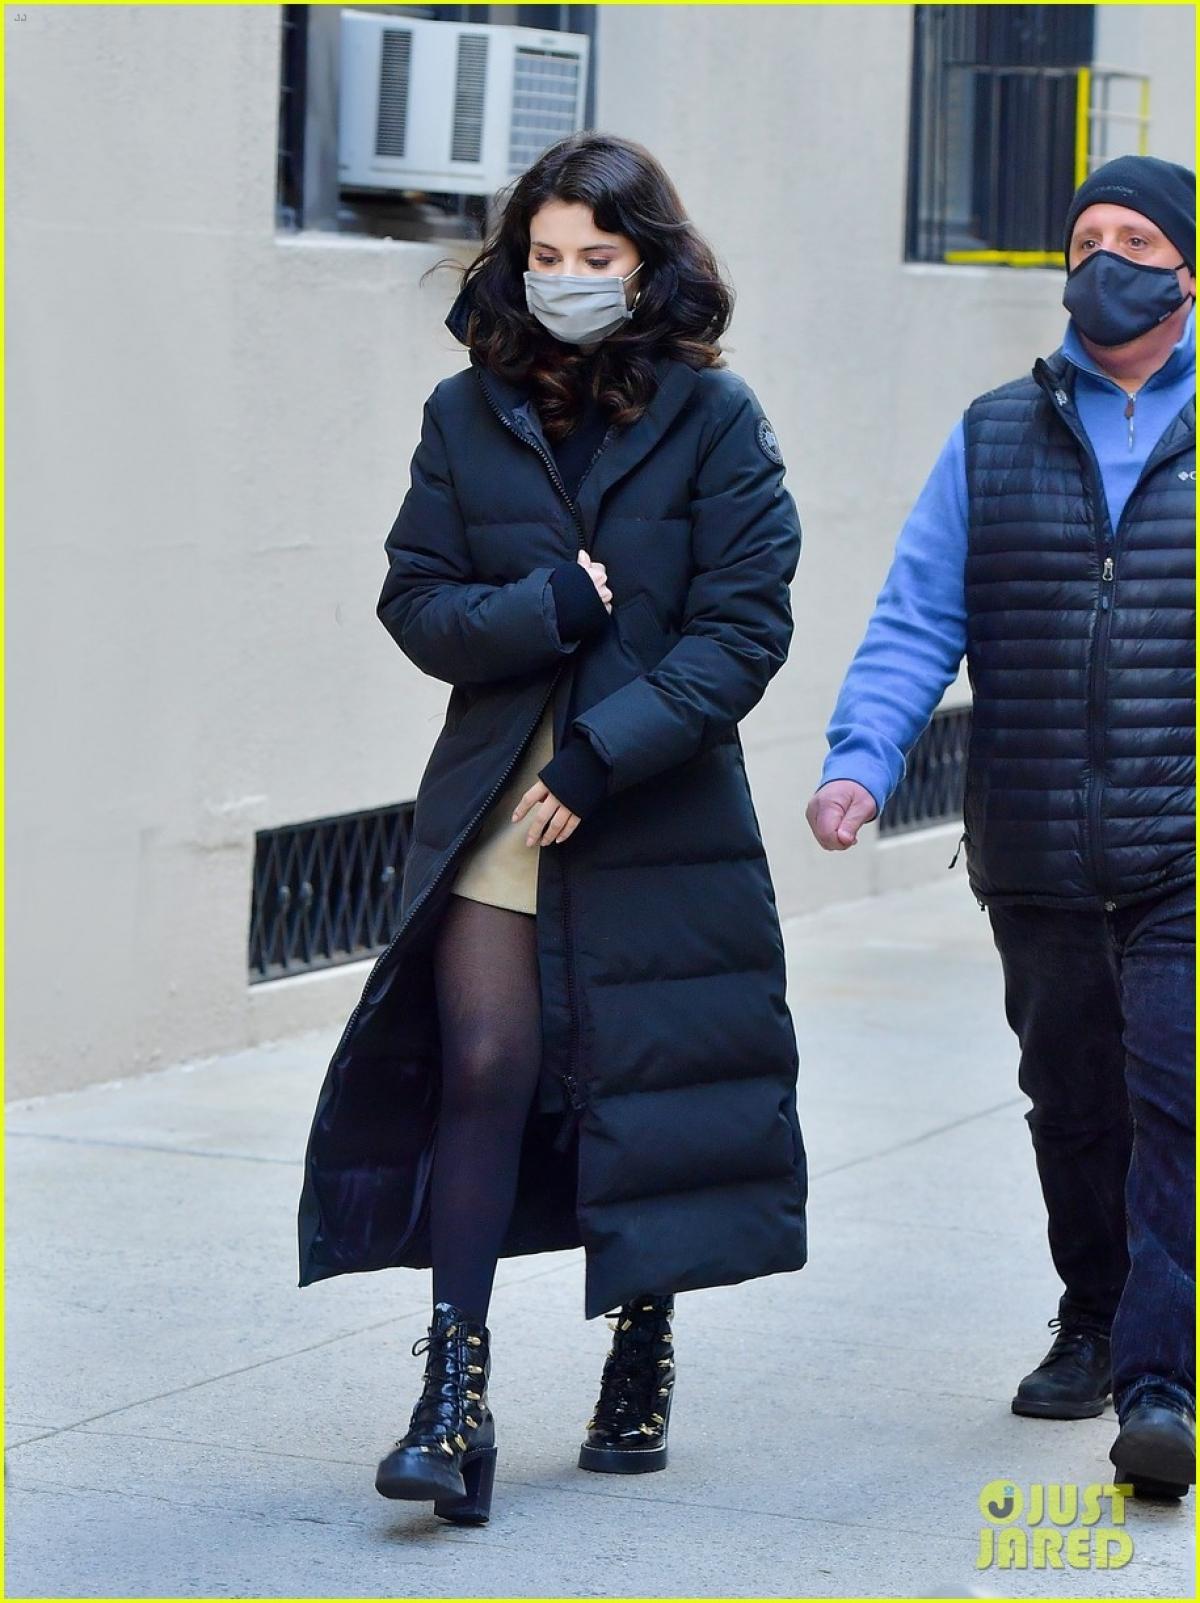 Sau đó, người đẹp nhanh chóng thay trang phục khác để giữ ấm cơ thể trong tiết trời giá lạnh.